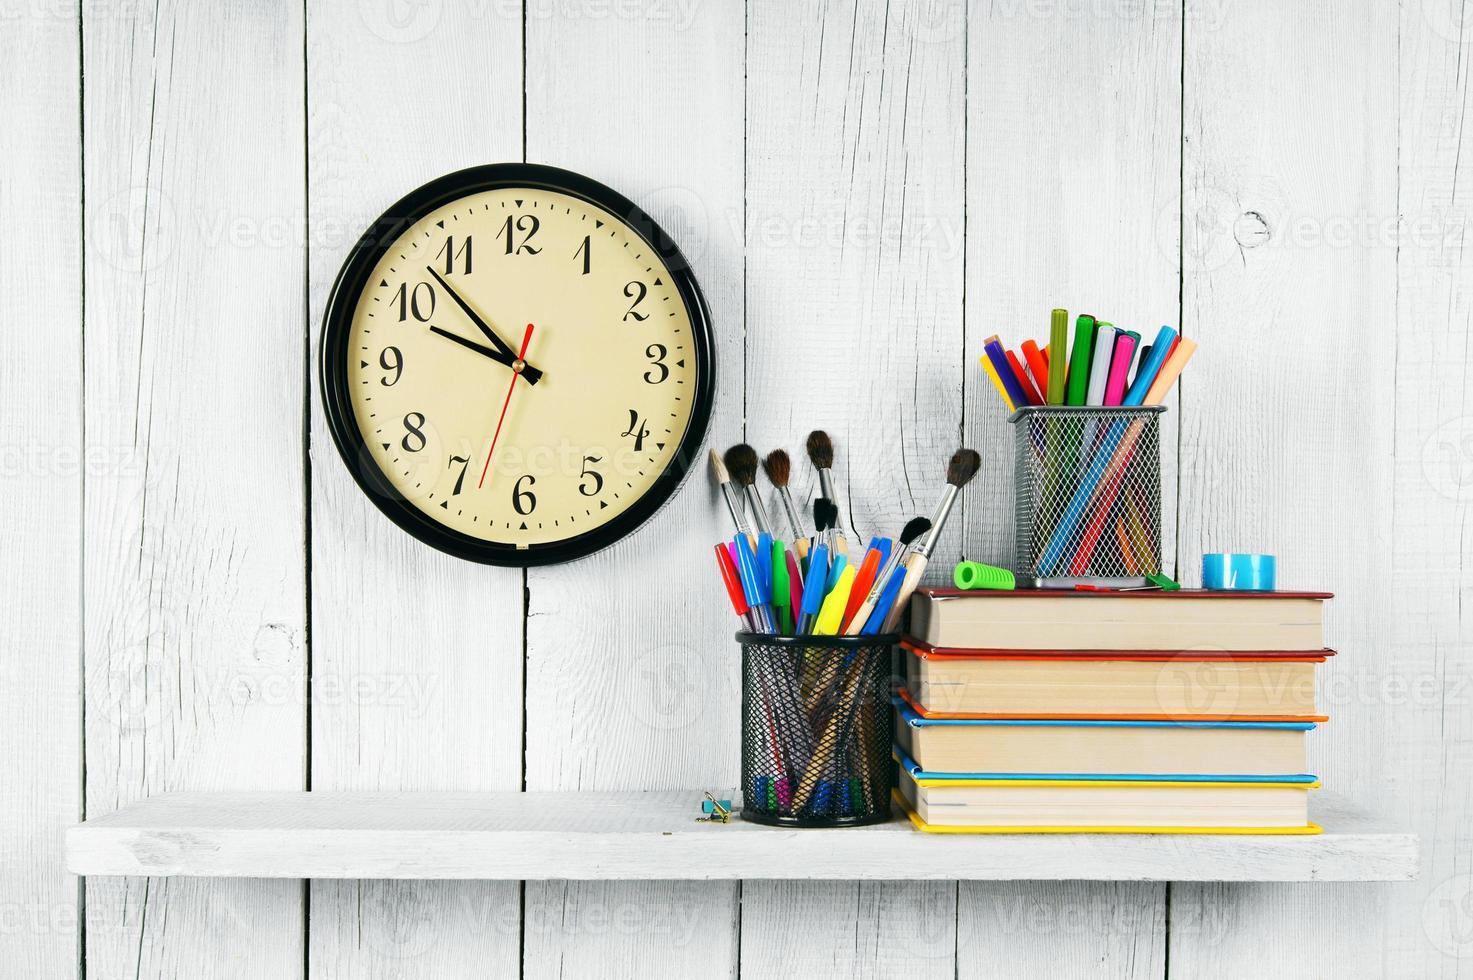 klockor, böcker och skolverktyg på trähylla. foto